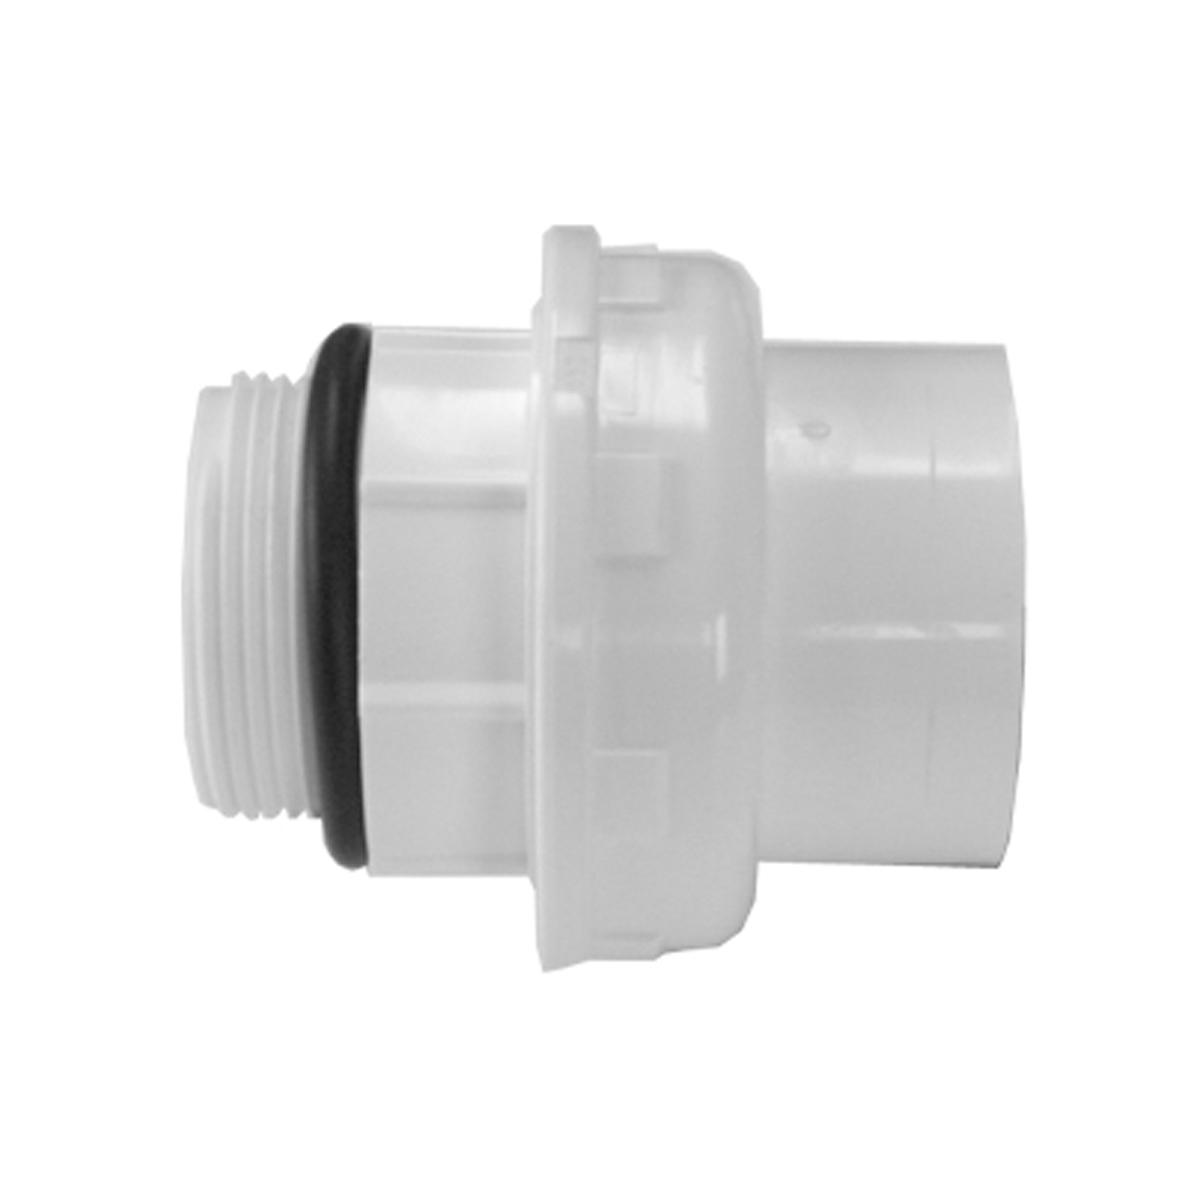 """Verschraubung Ocean PVC grau Klebemuffe d/Aussengewinde d50-1 1/2"""" BSP EPDM Verschraubung Ocean PVC grau Klebemuffe d/Aussengewinde d50-1 1/2"""" BSP EPDM"""